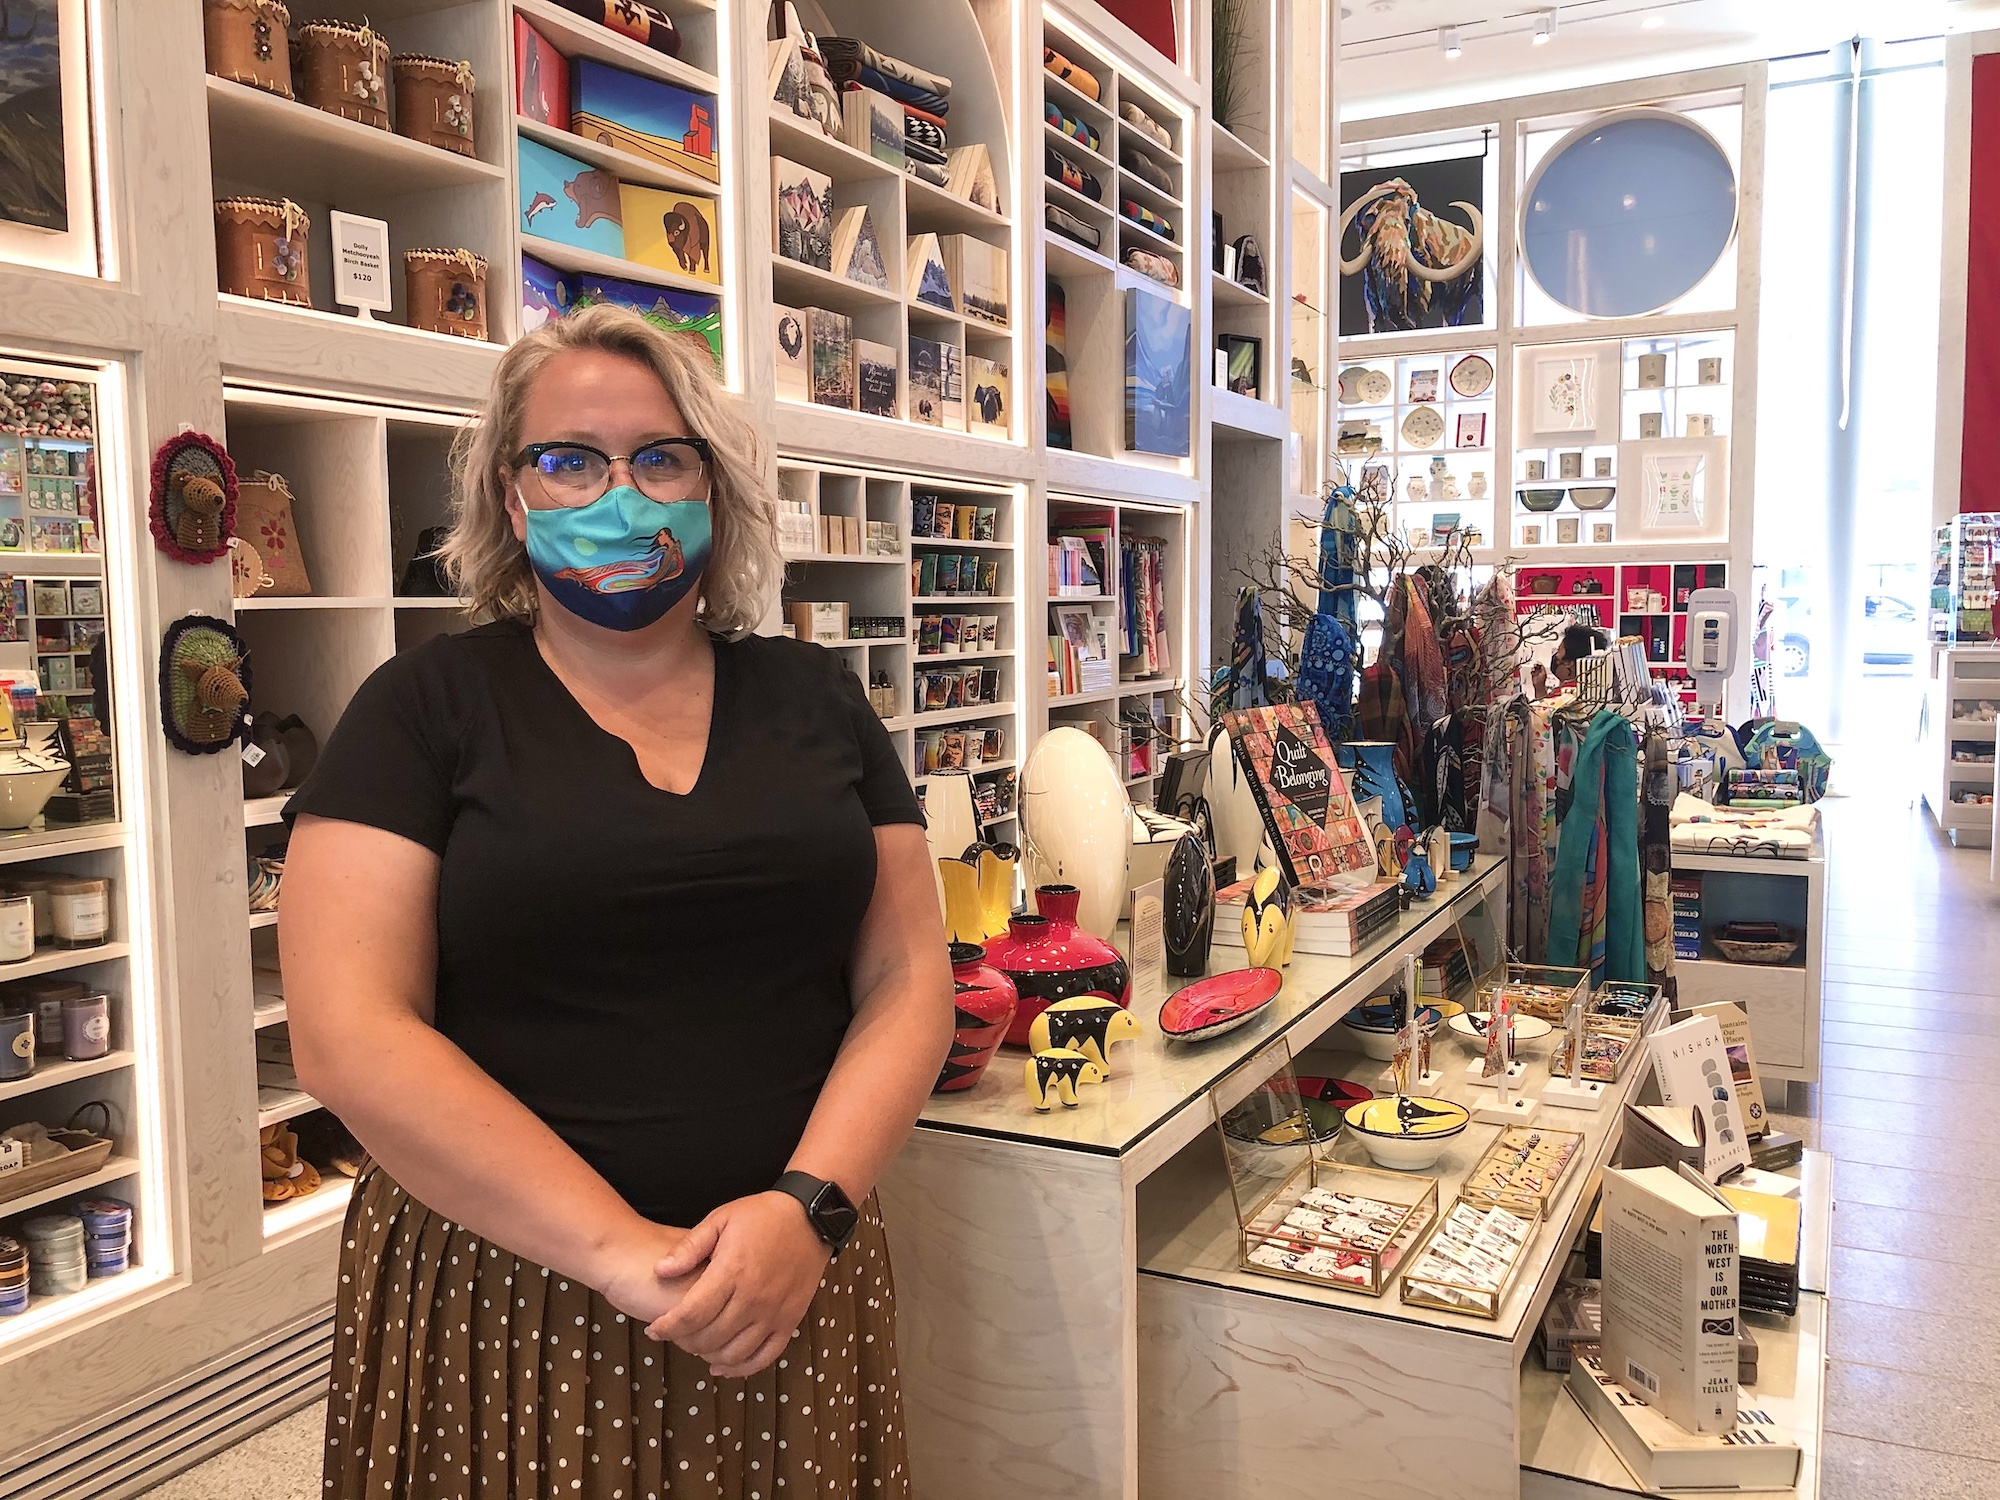 Orissa Sabourin, museum shop coordinator at the Royal Alberta Museum